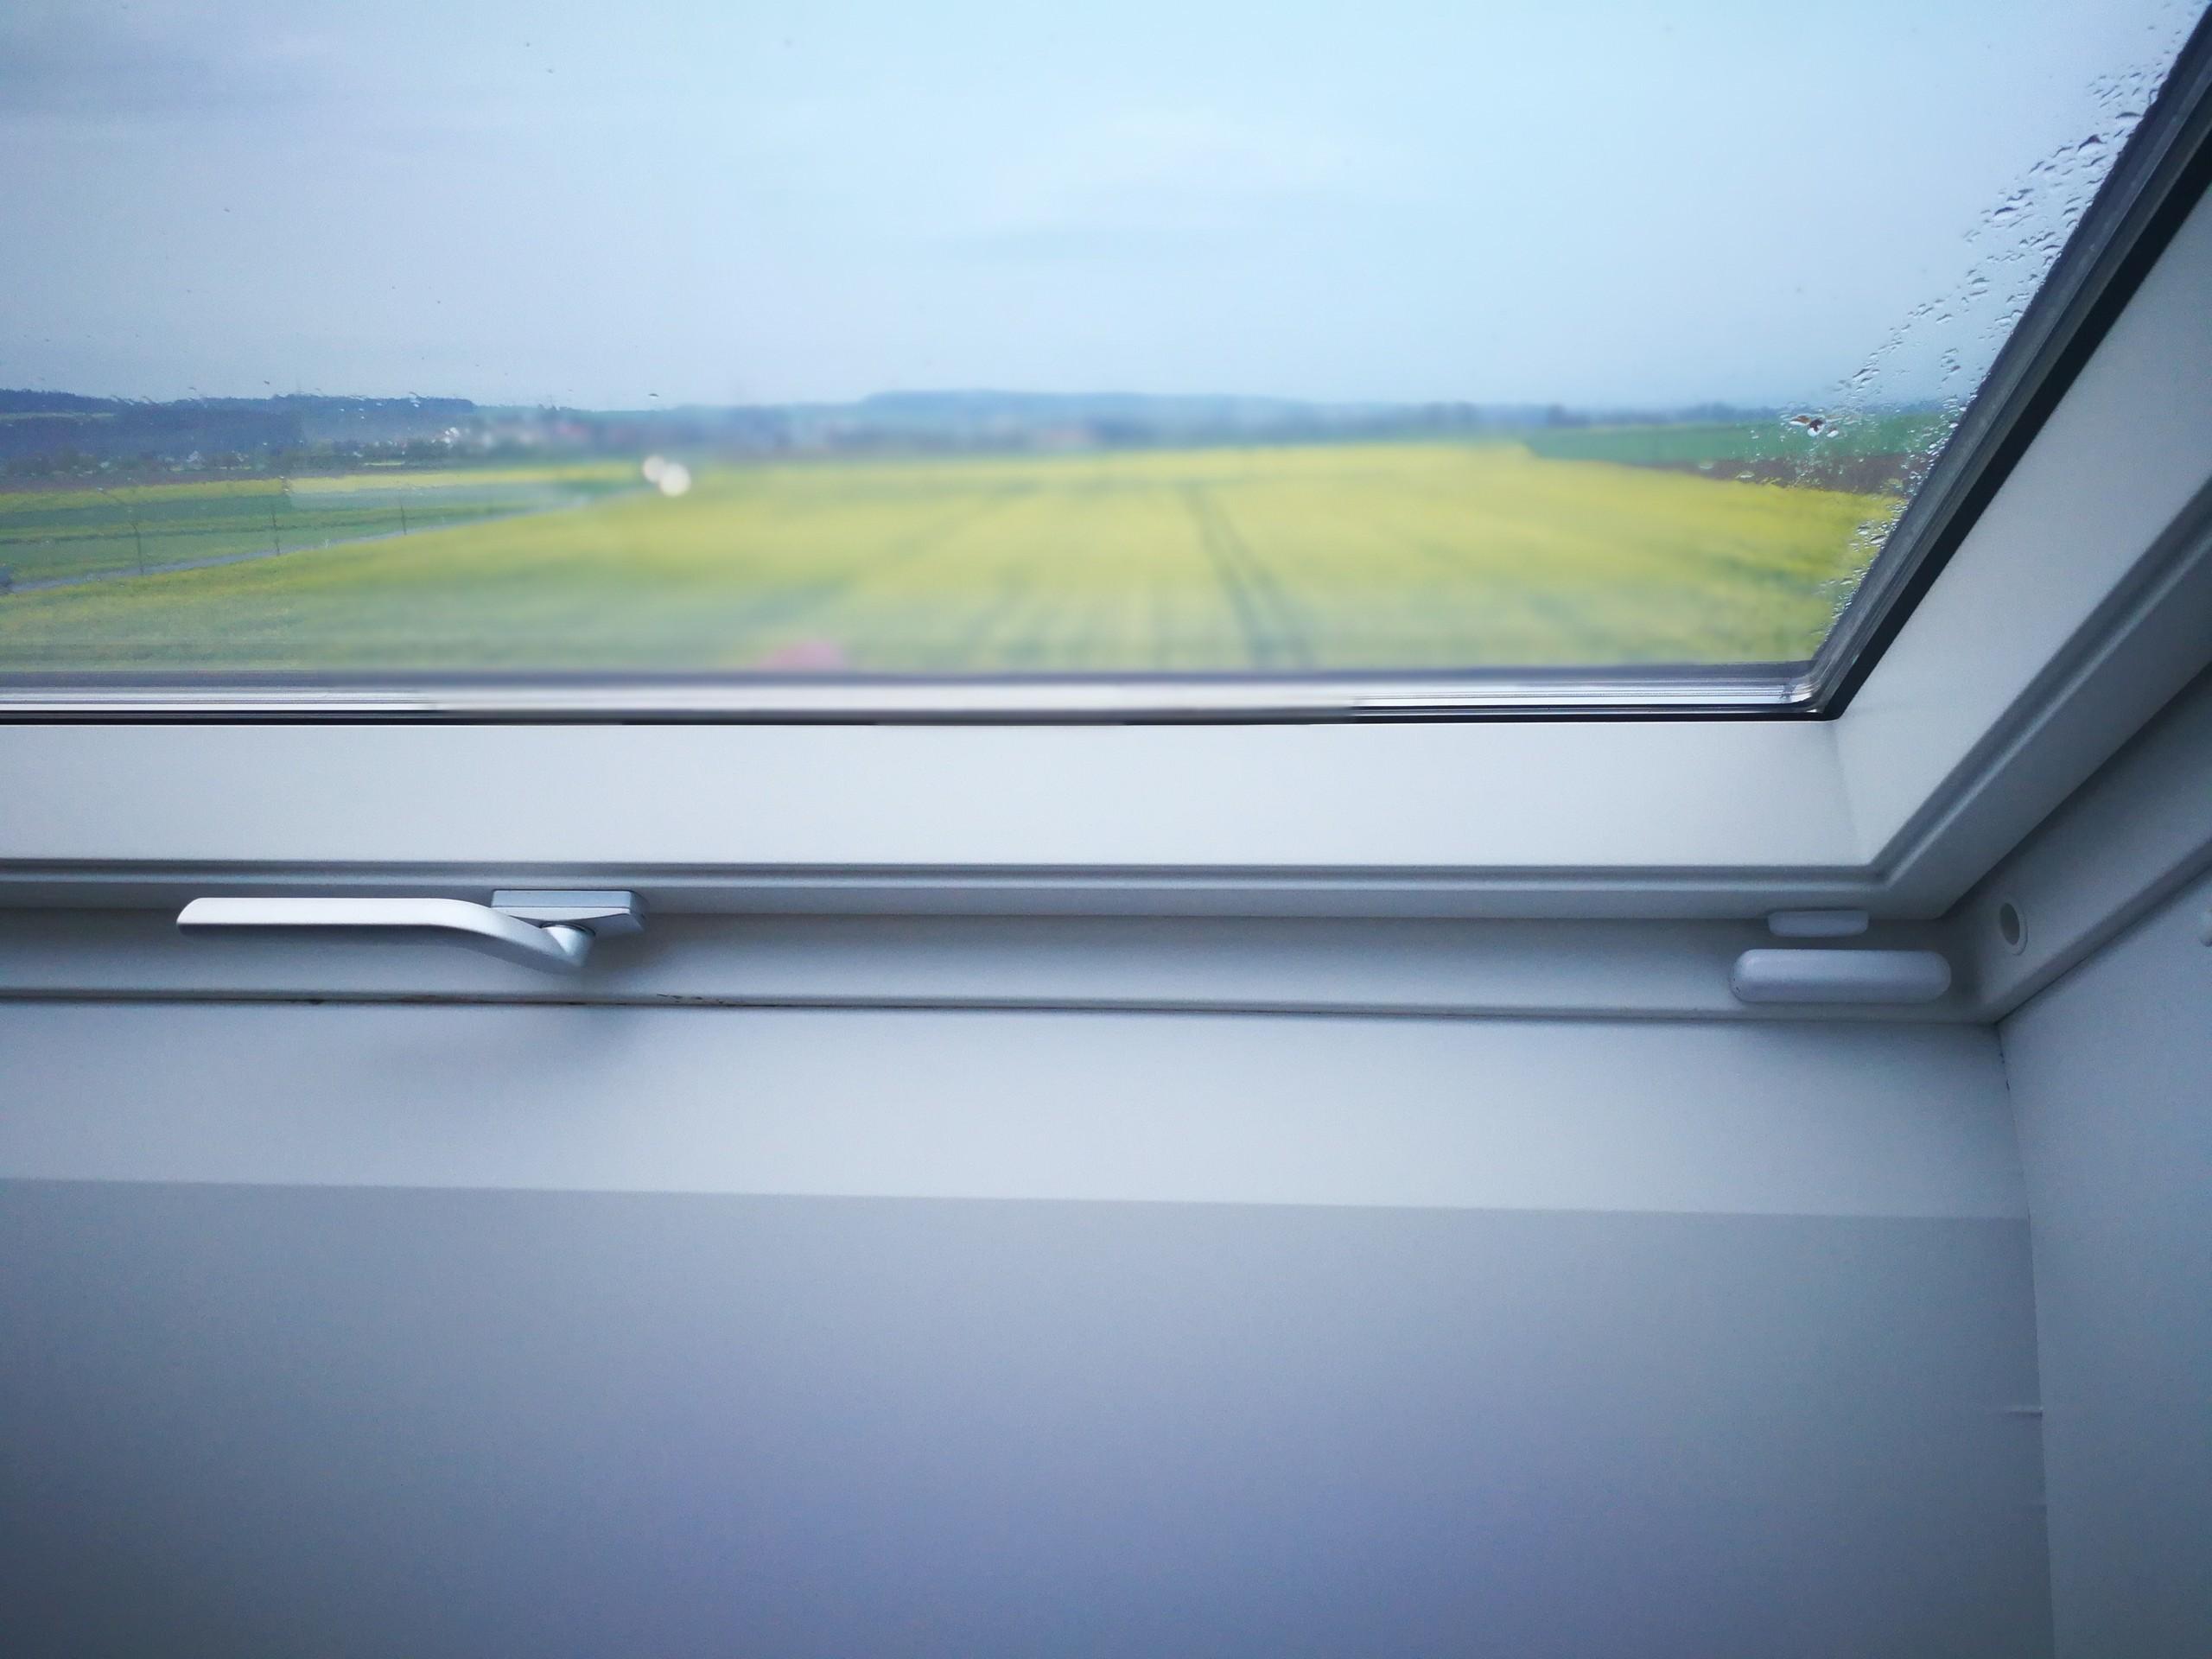 fensterkontakte velux dachfenster smart home welt. Black Bedroom Furniture Sets. Home Design Ideas